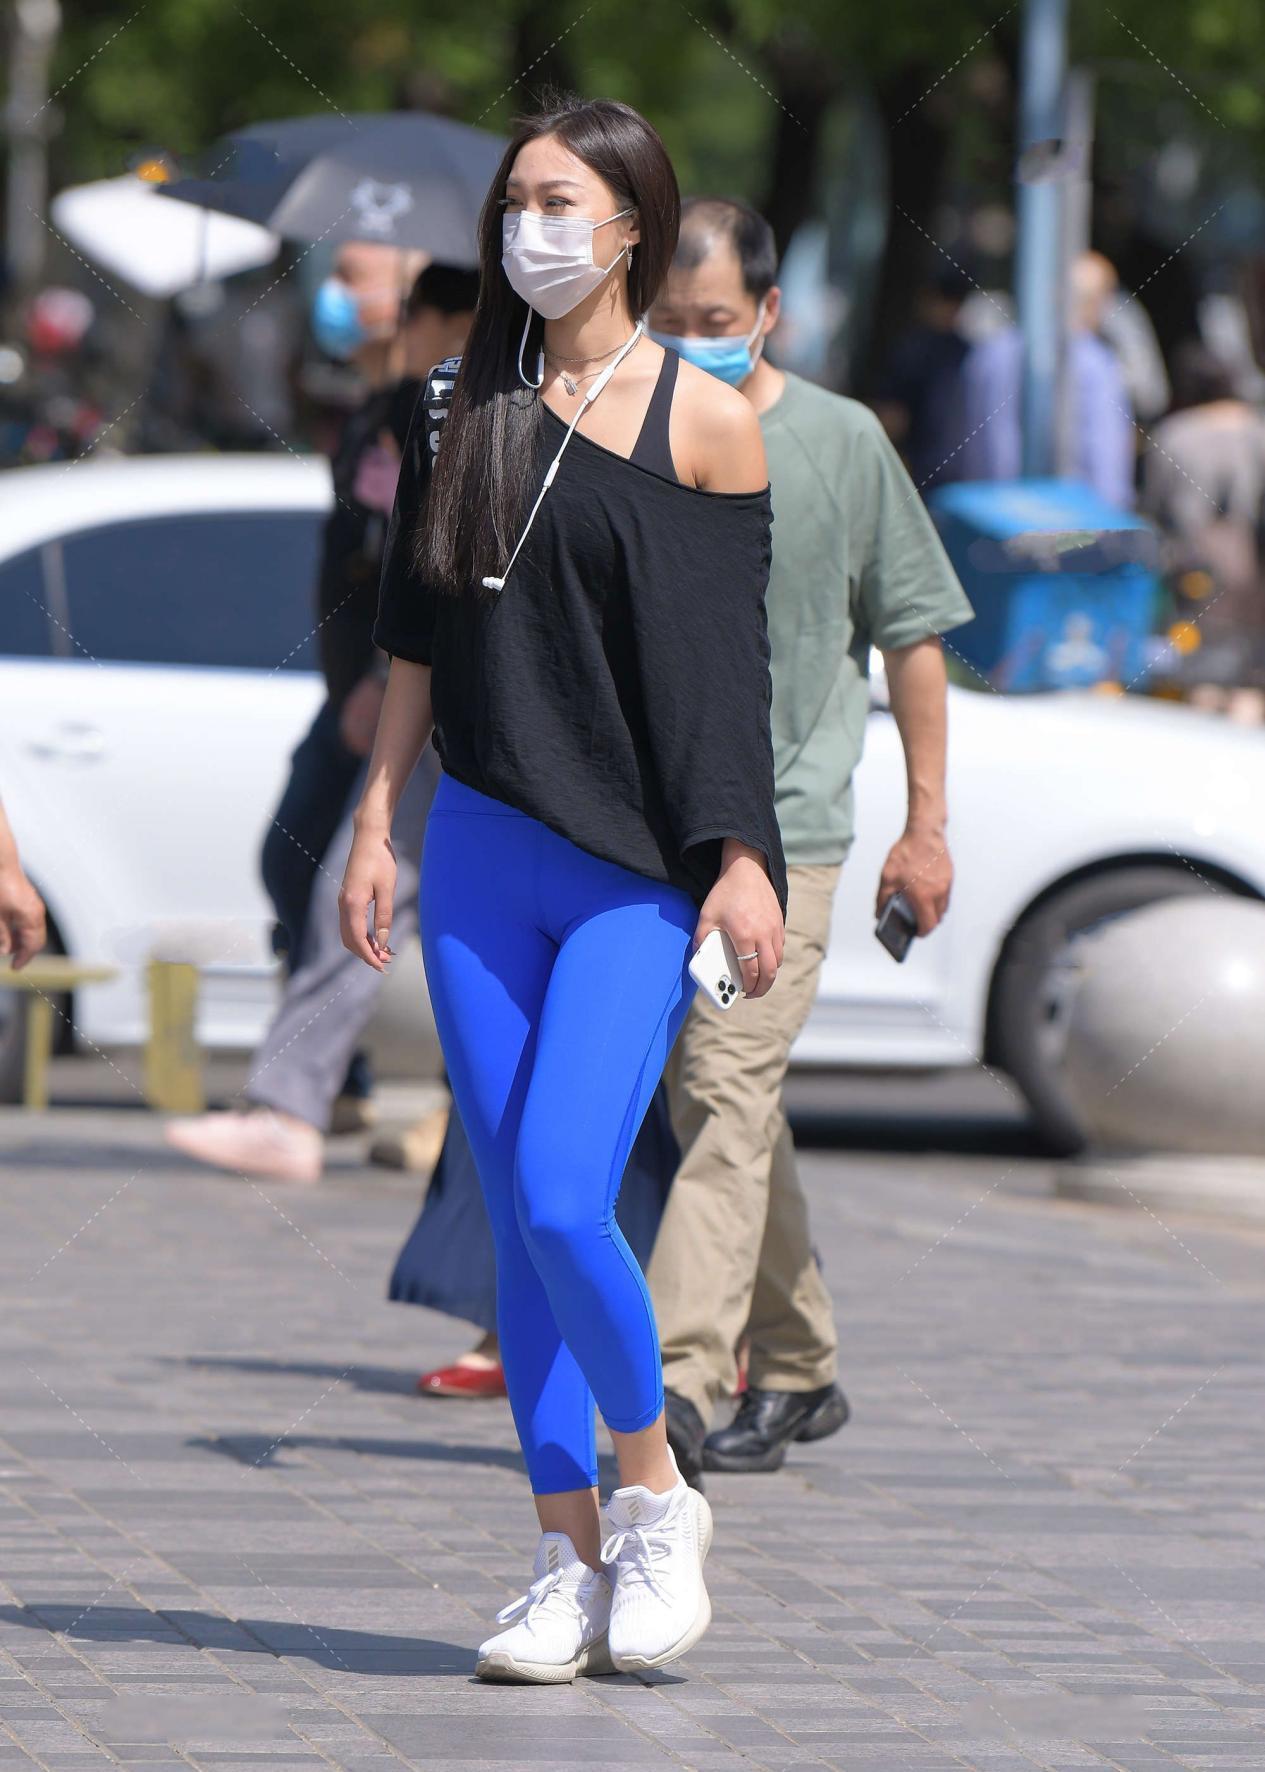 时尚:九分裤穿搭,从颜色上为整体风格增添色彩,独特又美丽